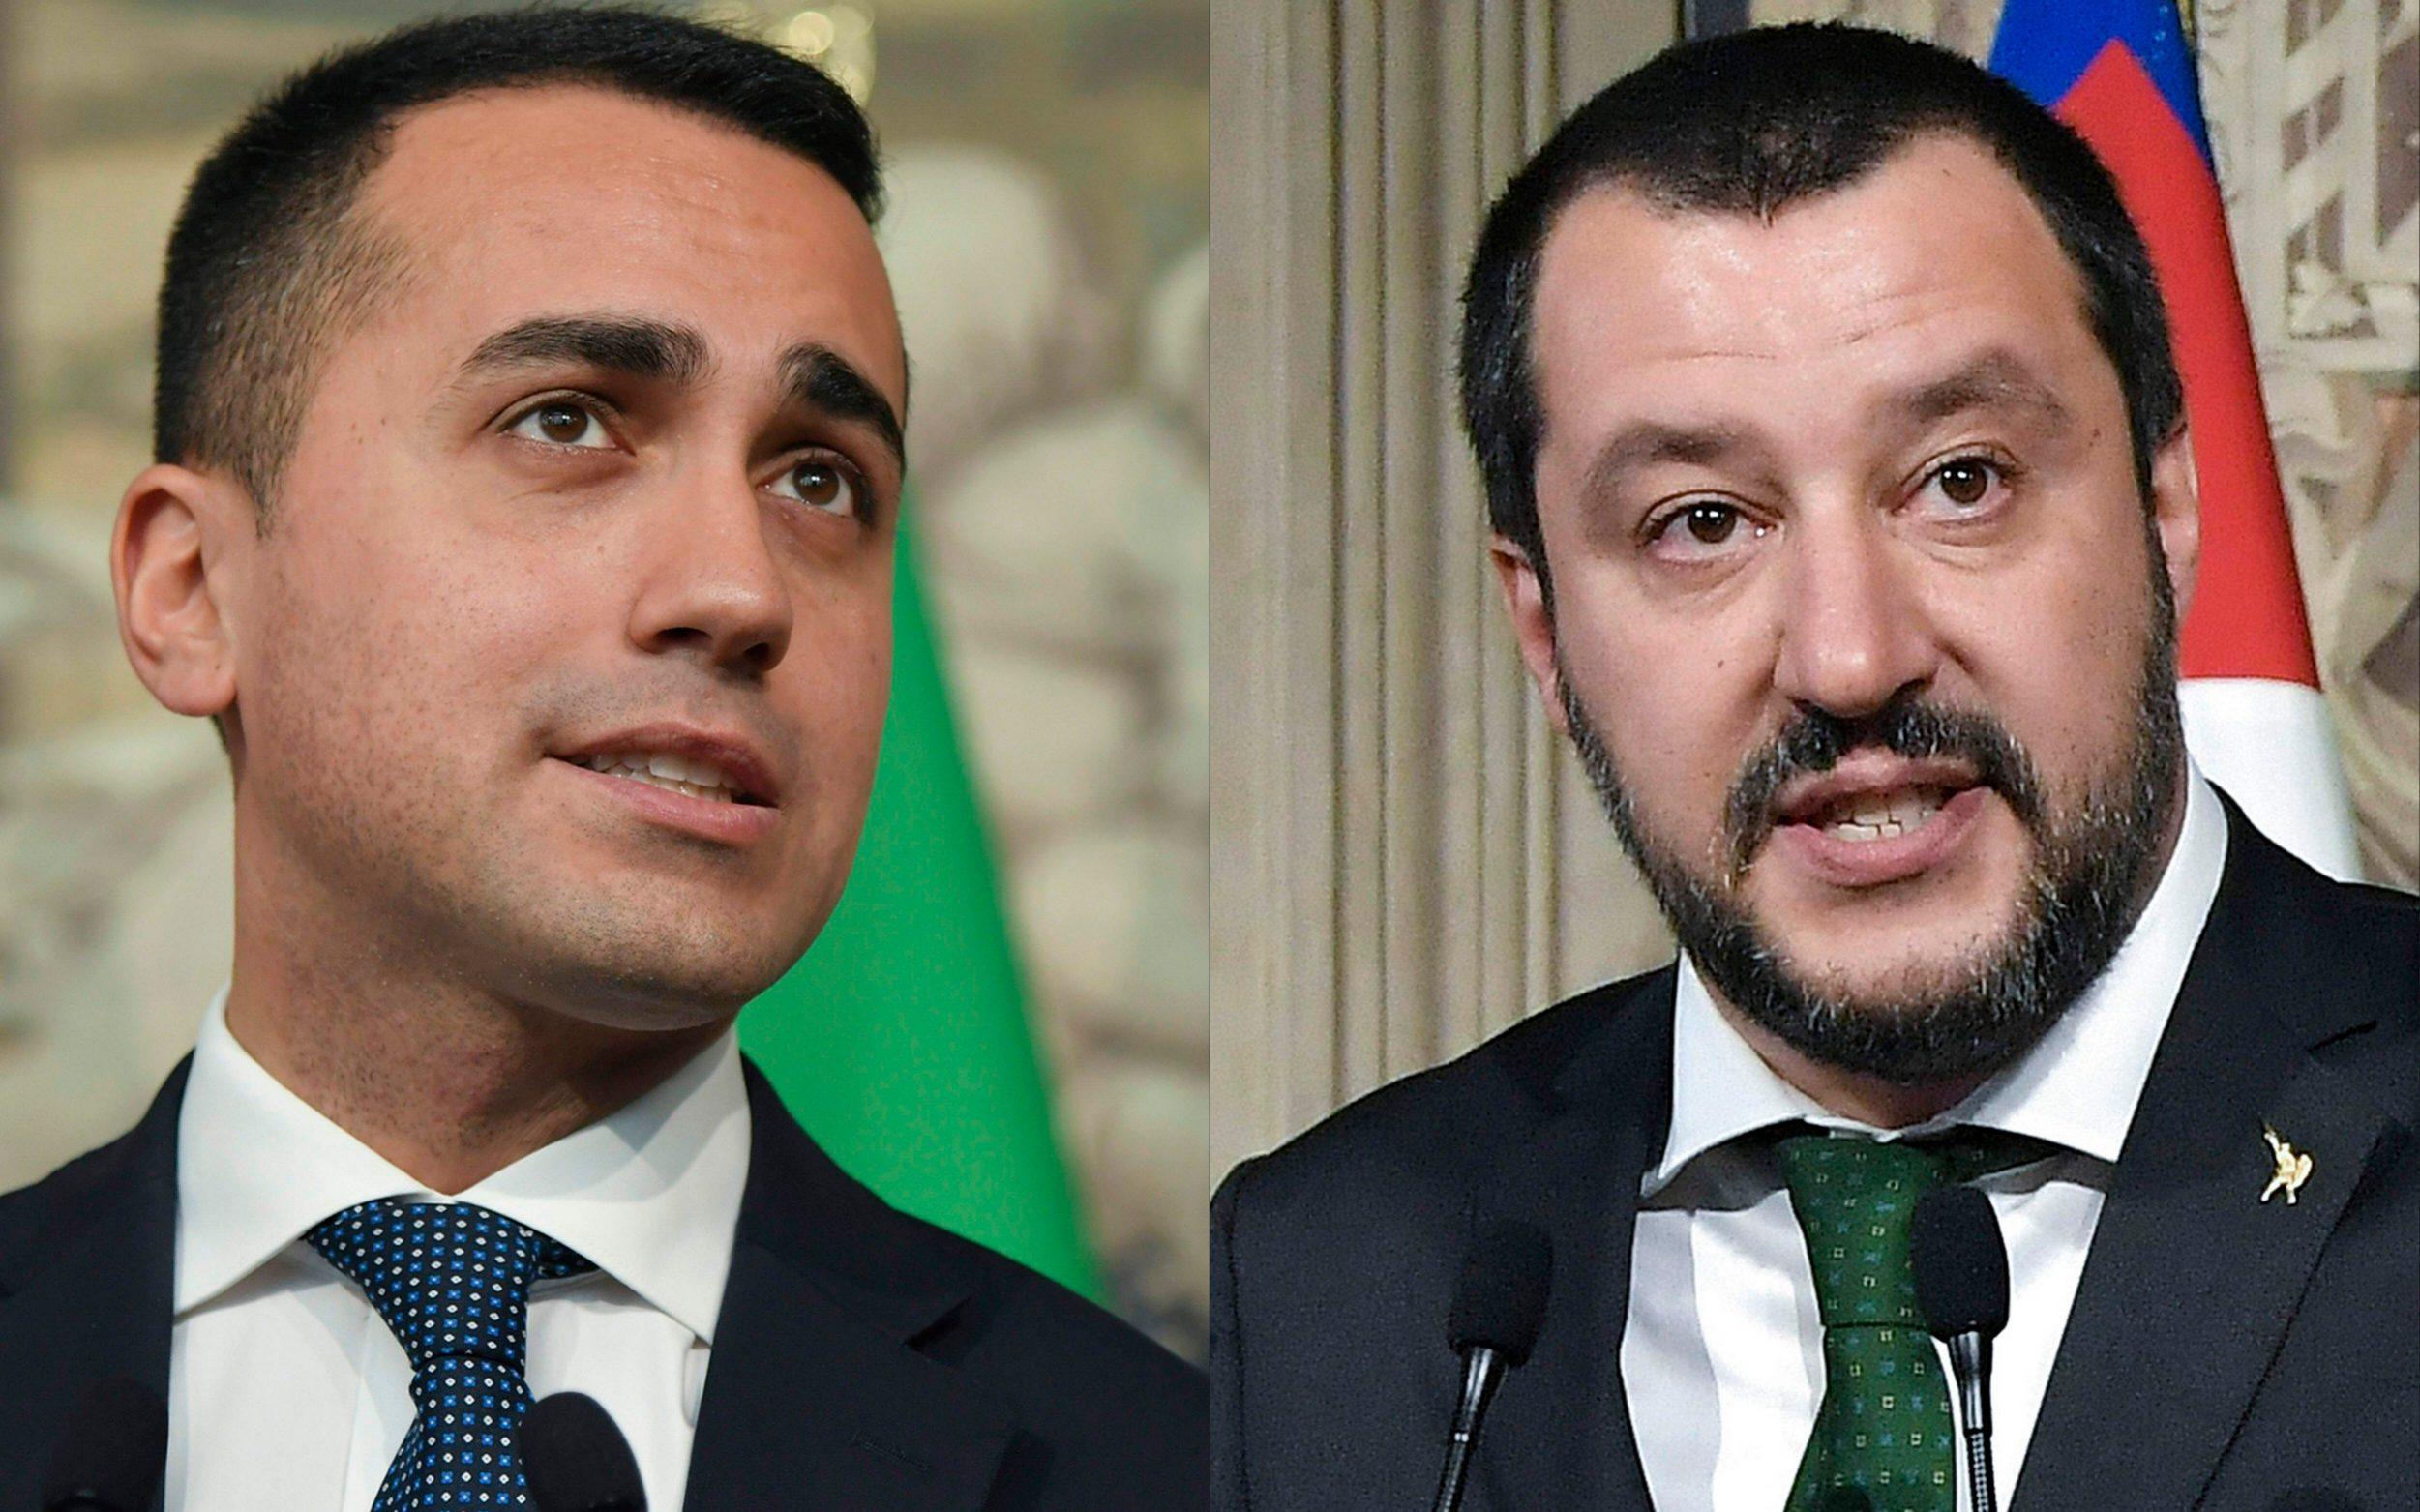 मॅक्रॉन यांच्यासारख्या घमेंडखोर राष्ट्राध्यक्षांमुळे फ्रान्स इटलीचा आघाडीचा शत्रू बनण्याचा धोका – इटलीच्या प्रमुख नेत्यांकडून इशारा